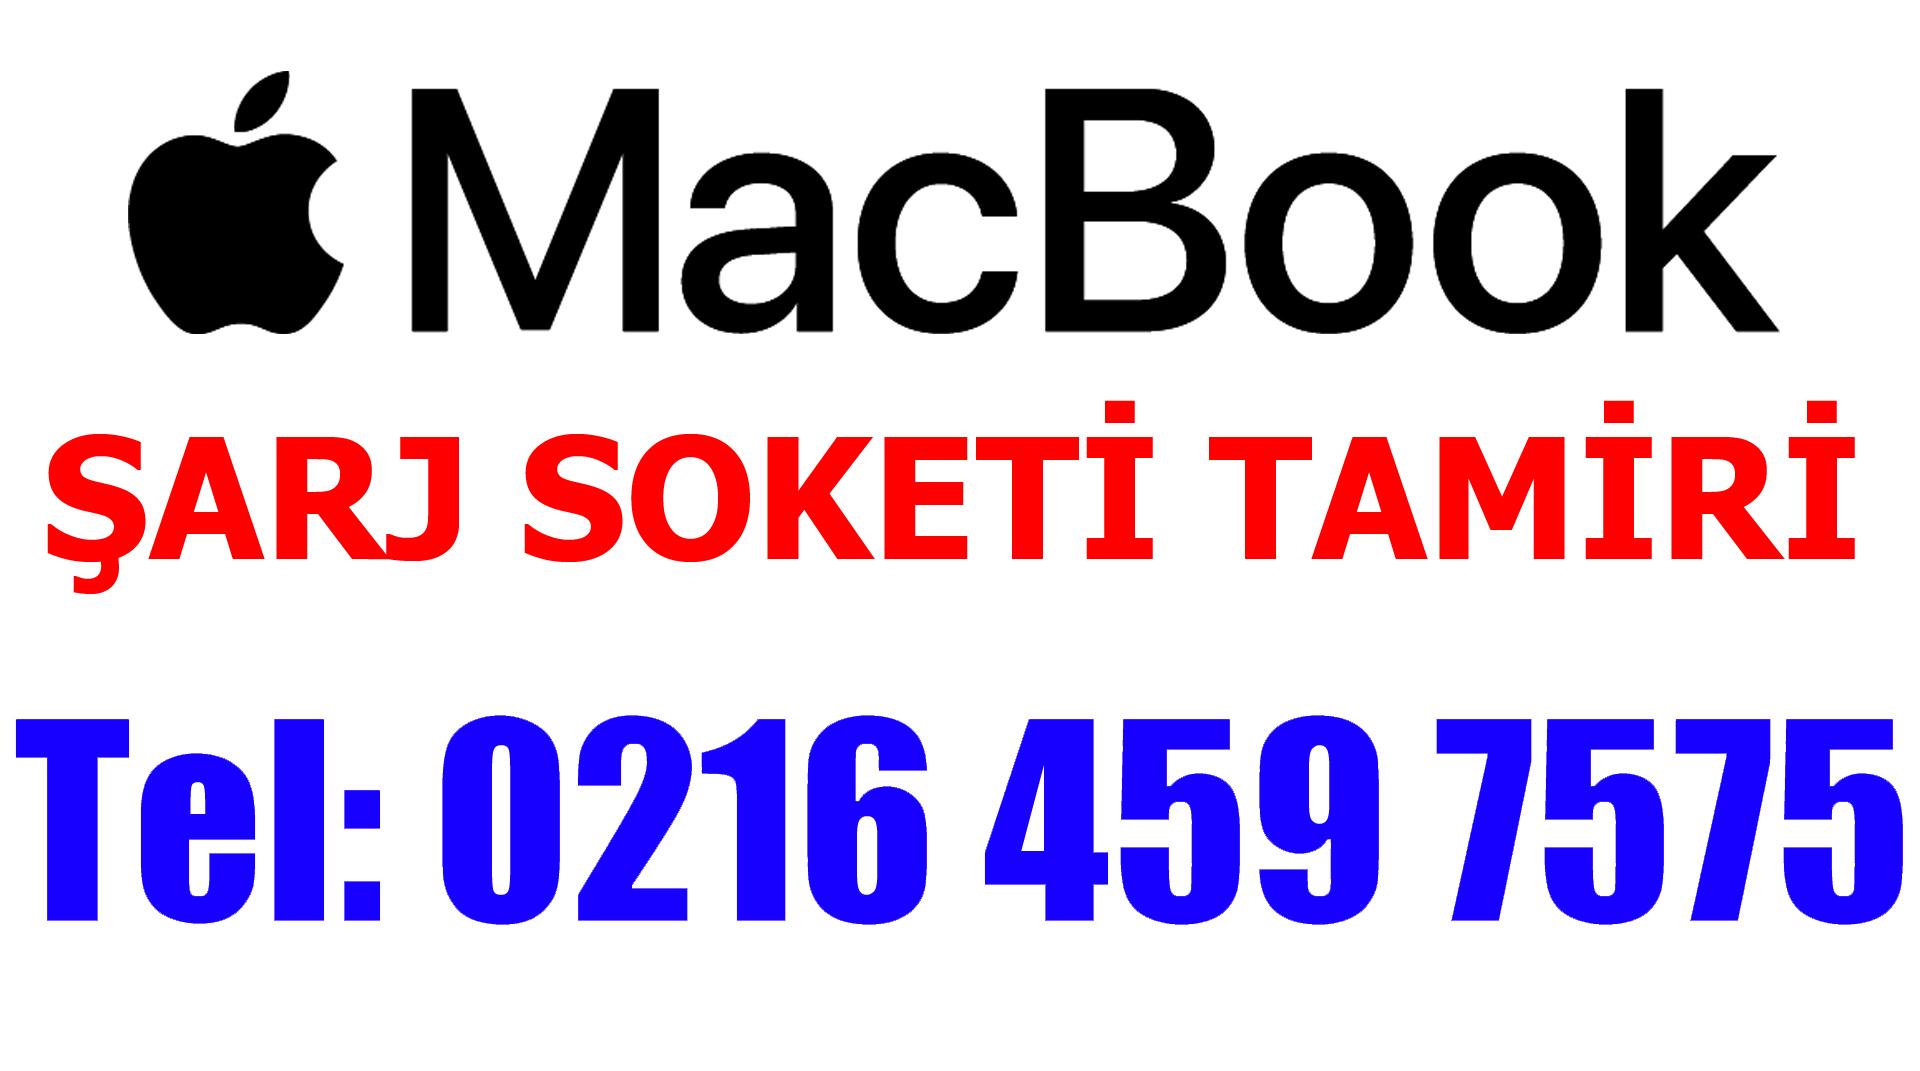 Macbook Şarj Soket Tamiri ve Değişimi